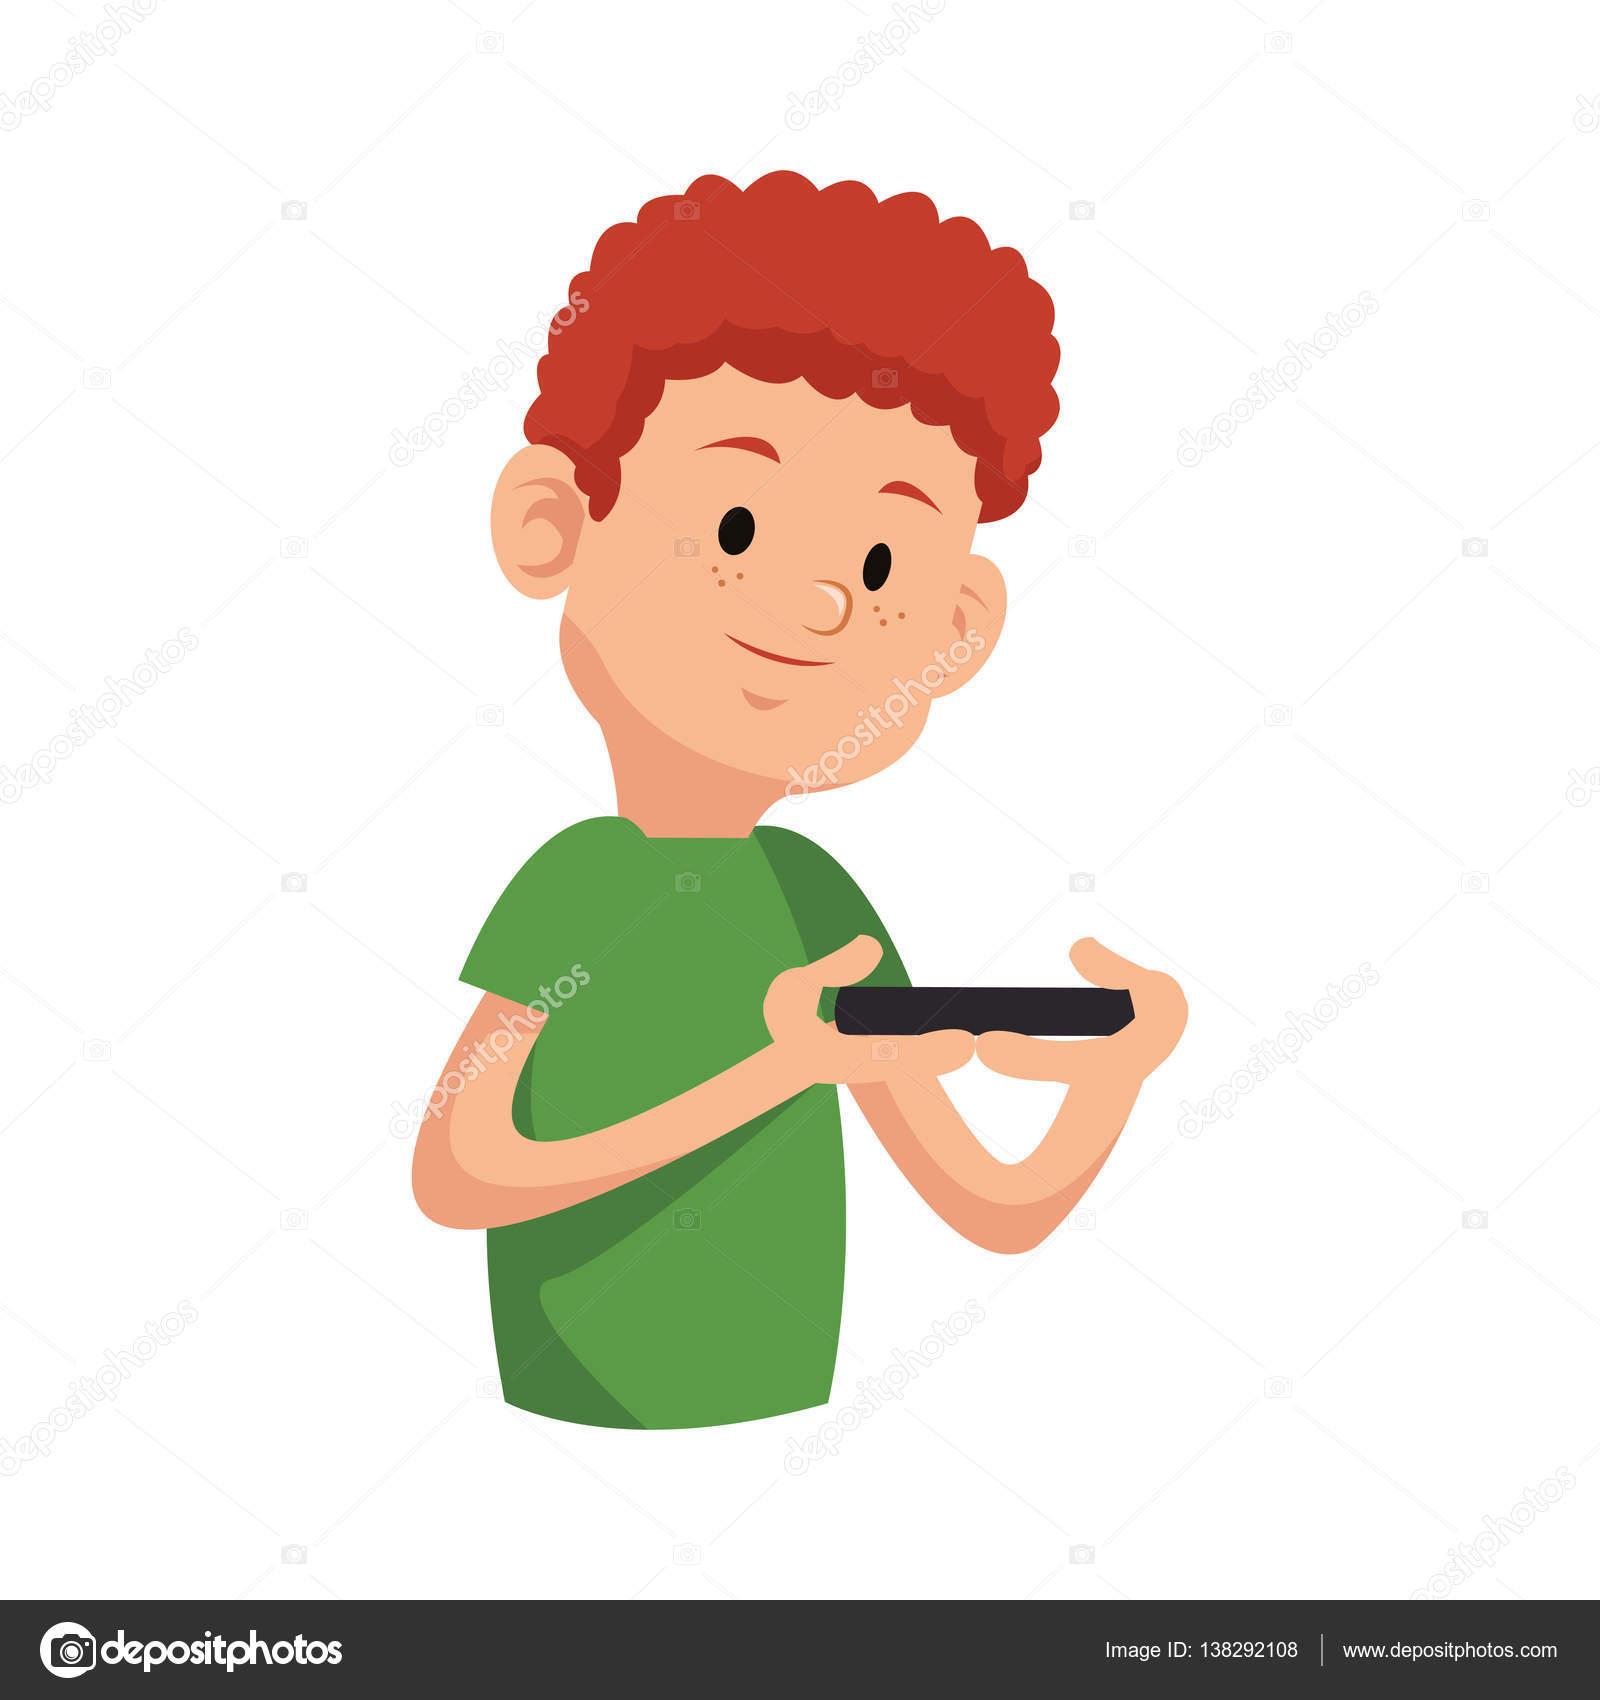 Icono De Dibujos Animados De Niños Archivo Imágenes Vectoriales